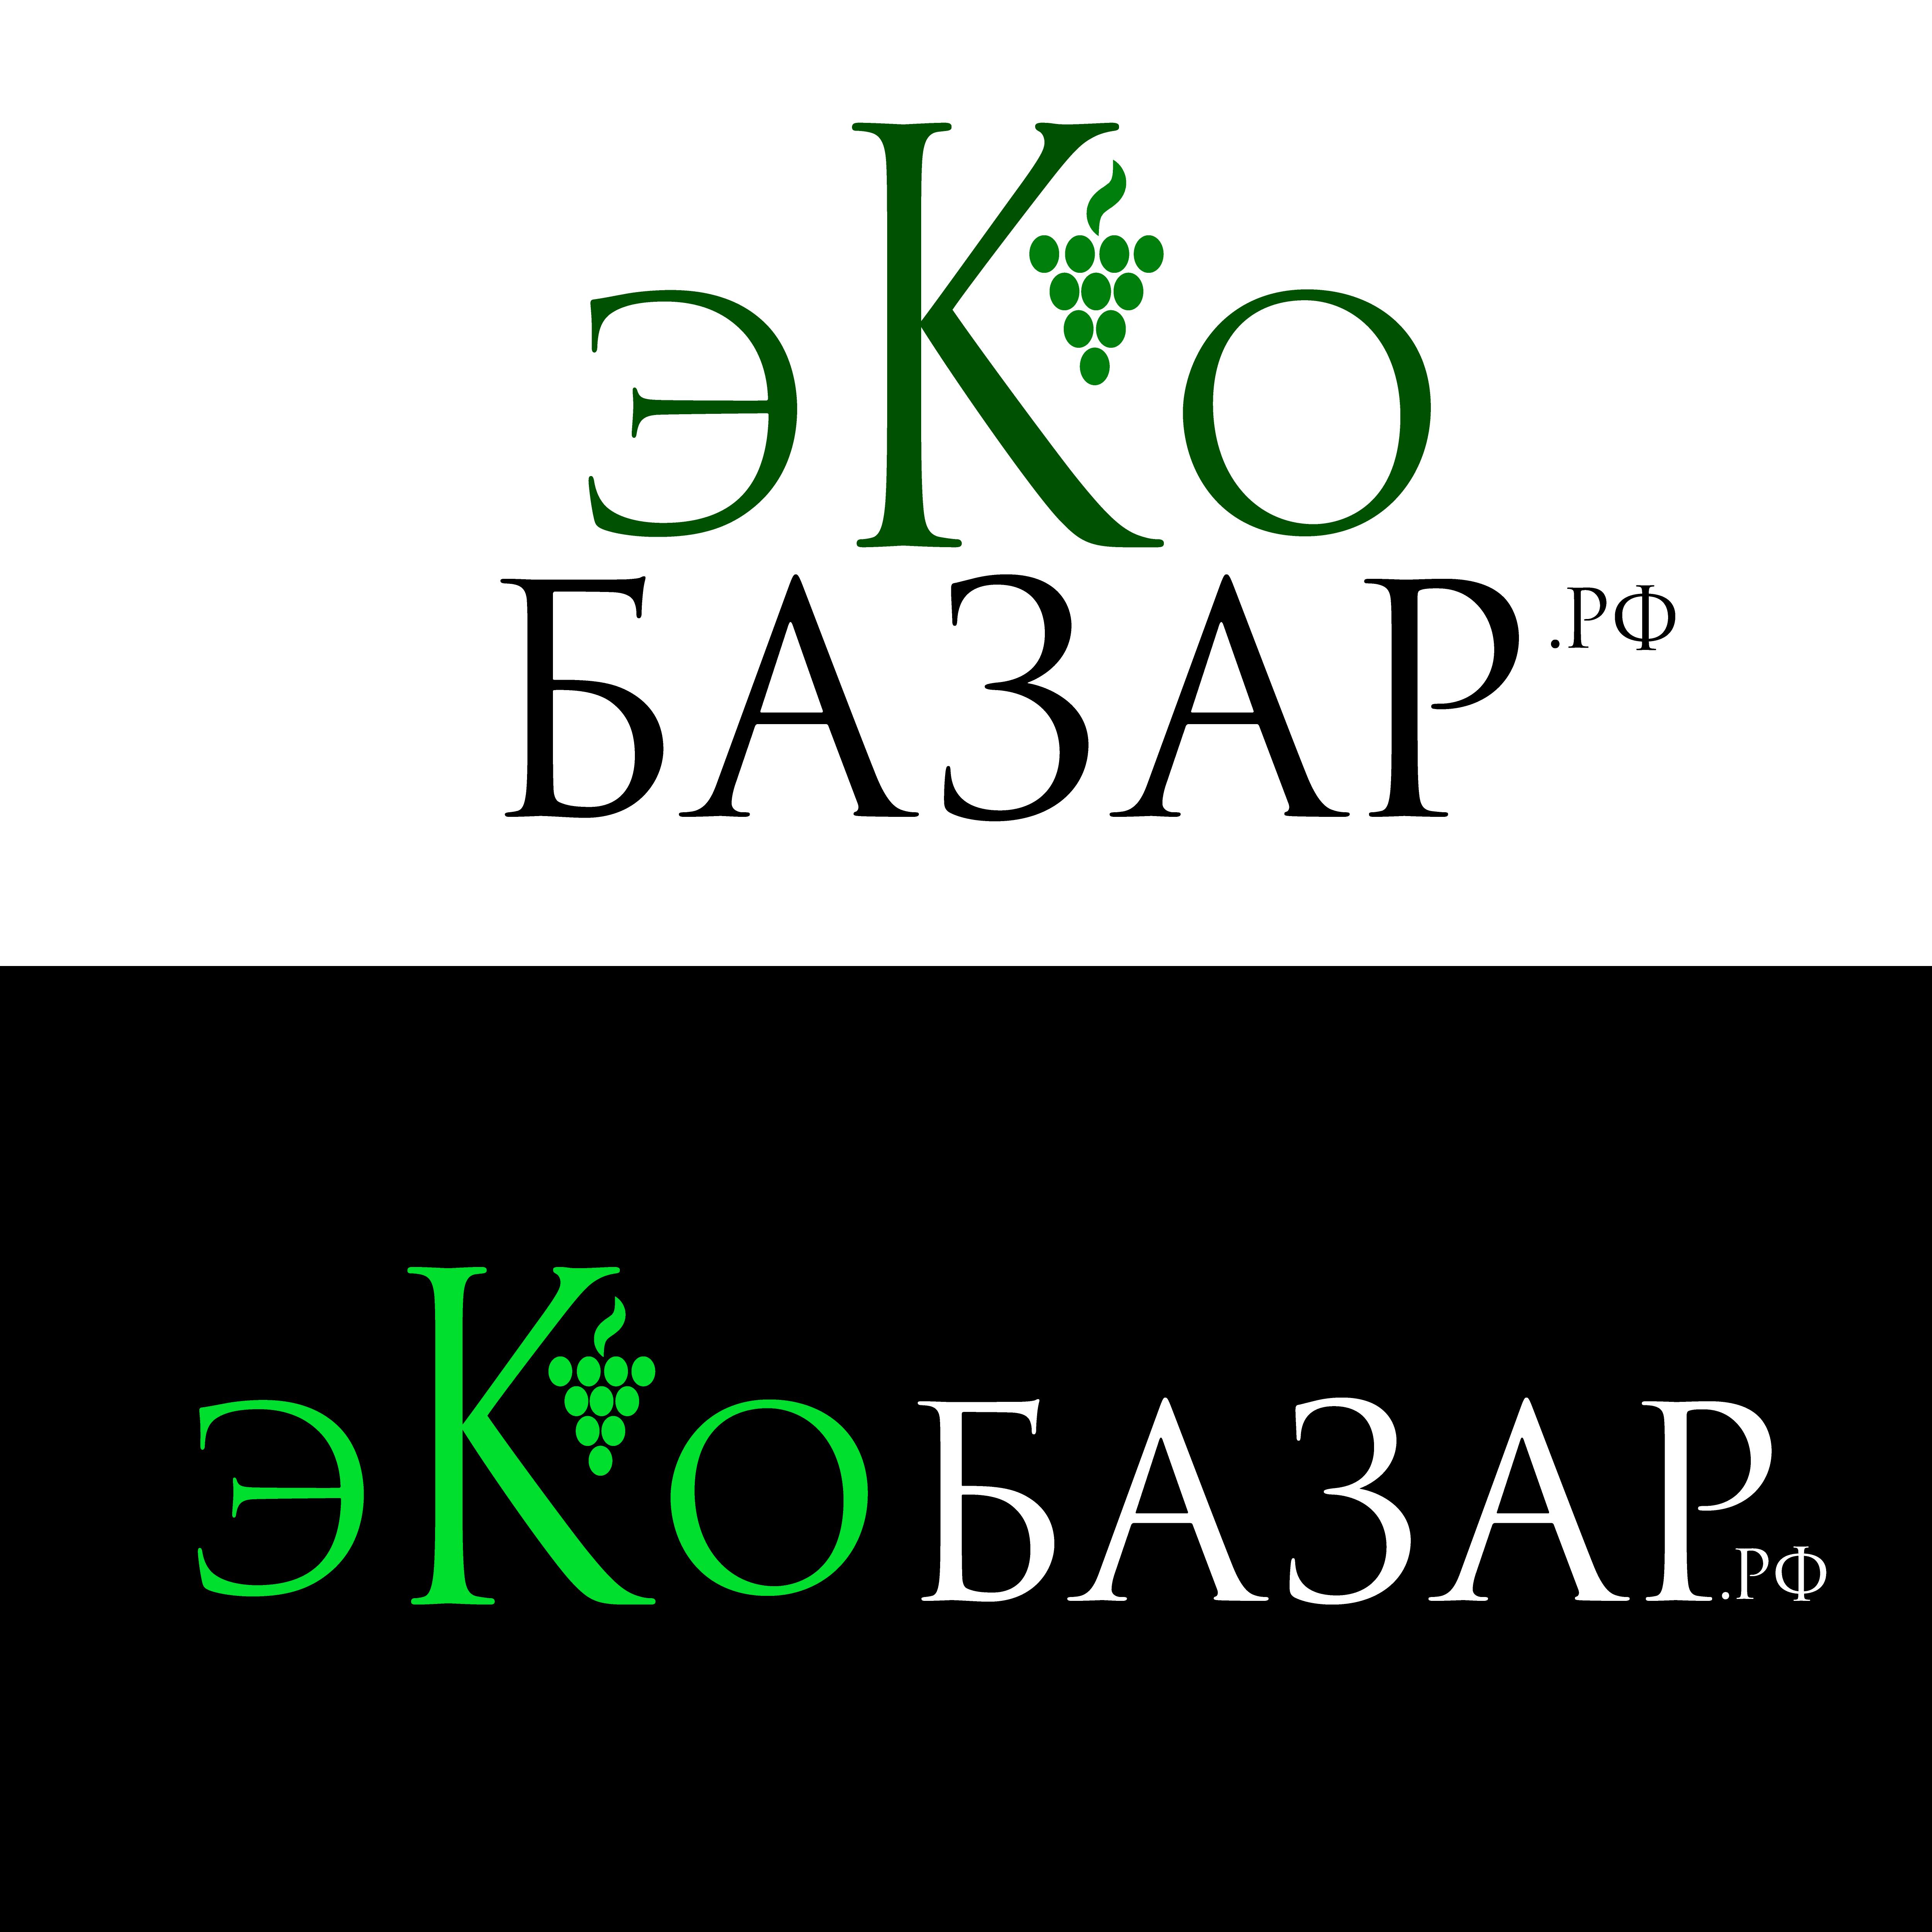 Логотип компании натуральных (фермерских) продуктов фото f_3905941556abdbdd.jpg